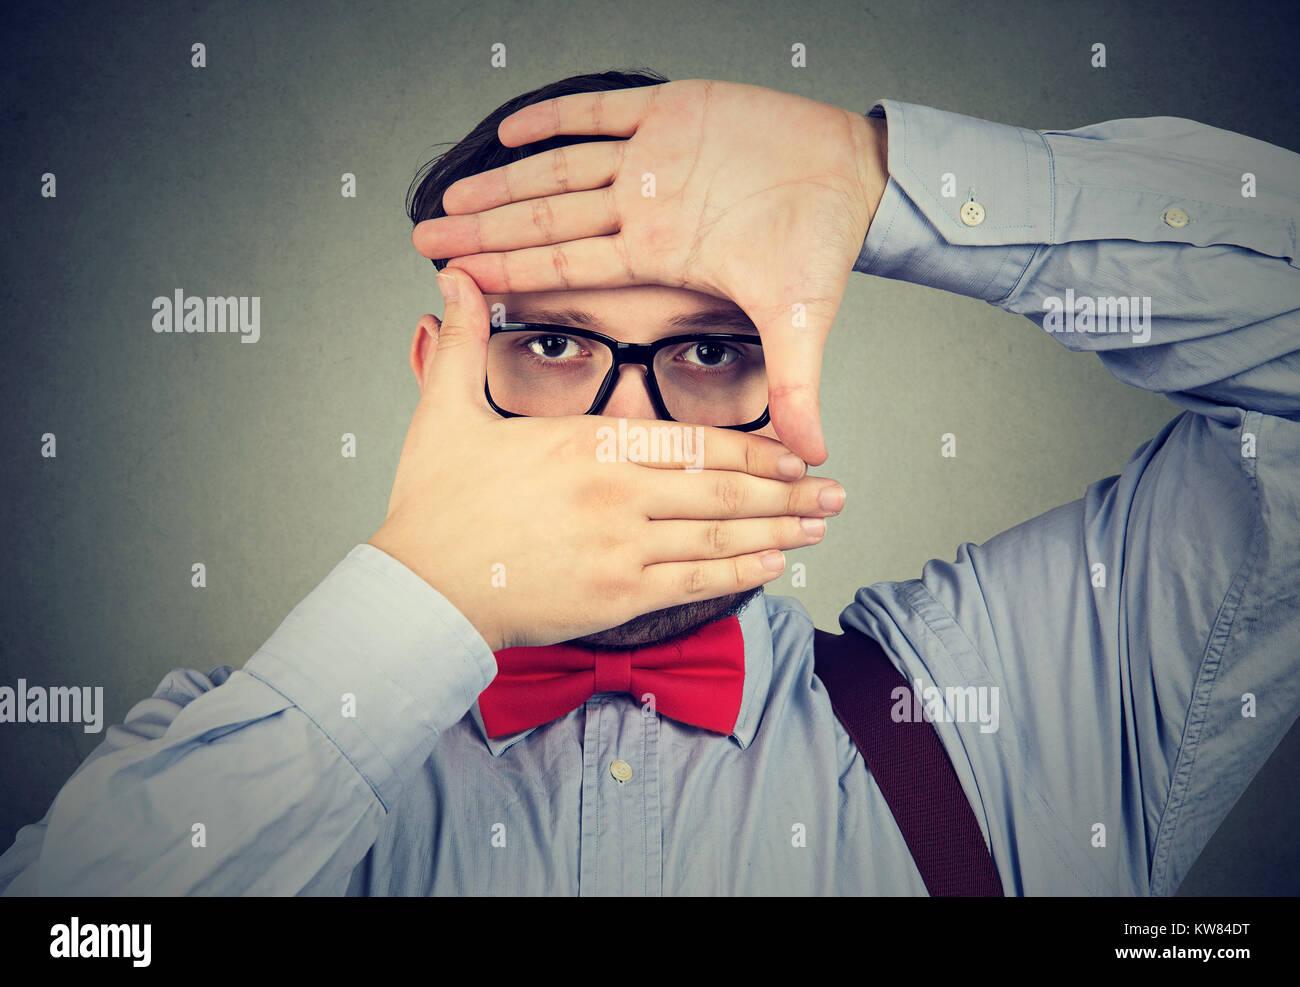 Hombre fornido decisiones marco y mirando a la cámara con visión limitada. Imagen De Stock